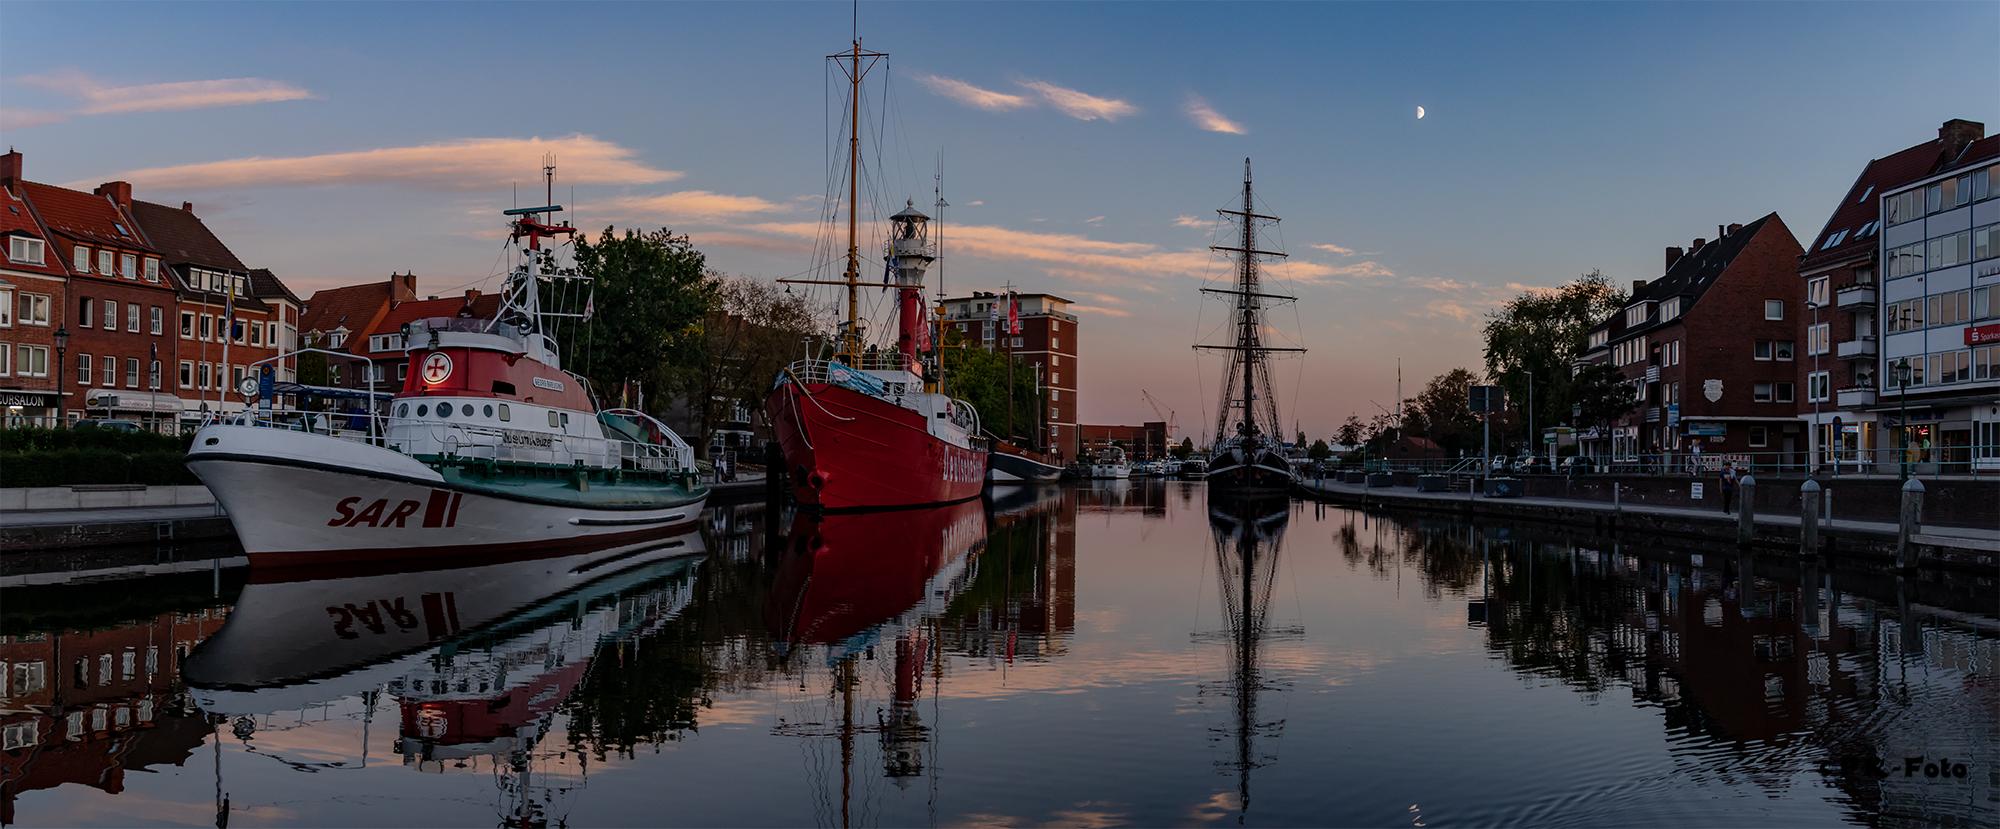 Emdener Delft als Panoramafoto